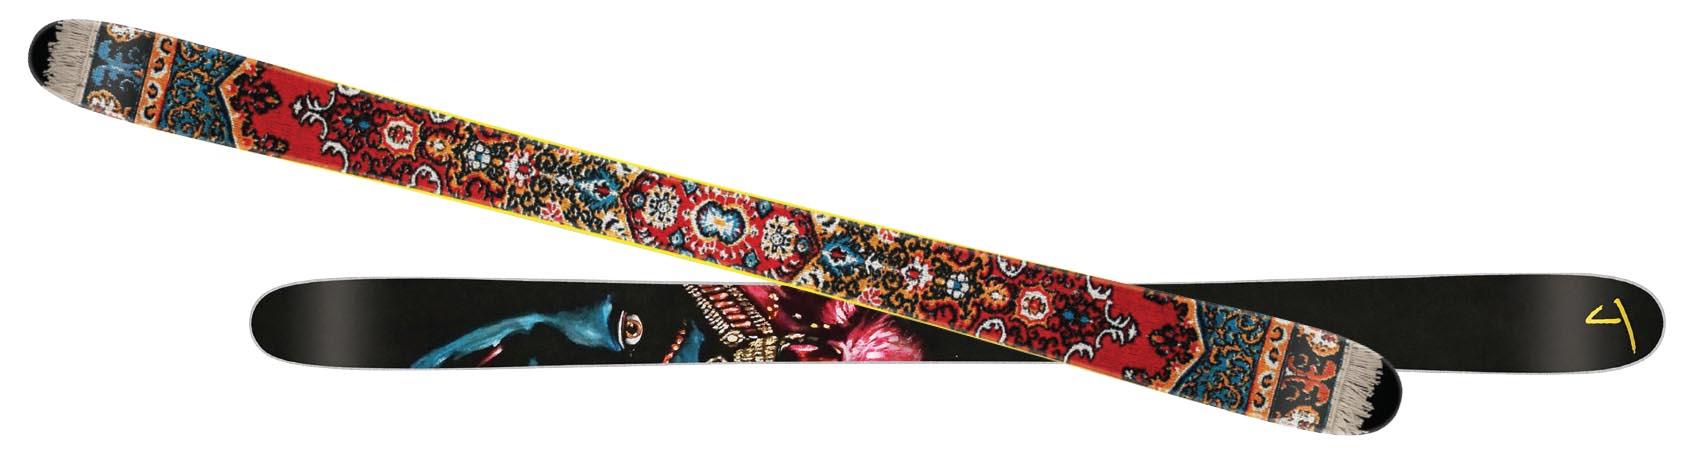 Magic Carpet, J Skis.jpg